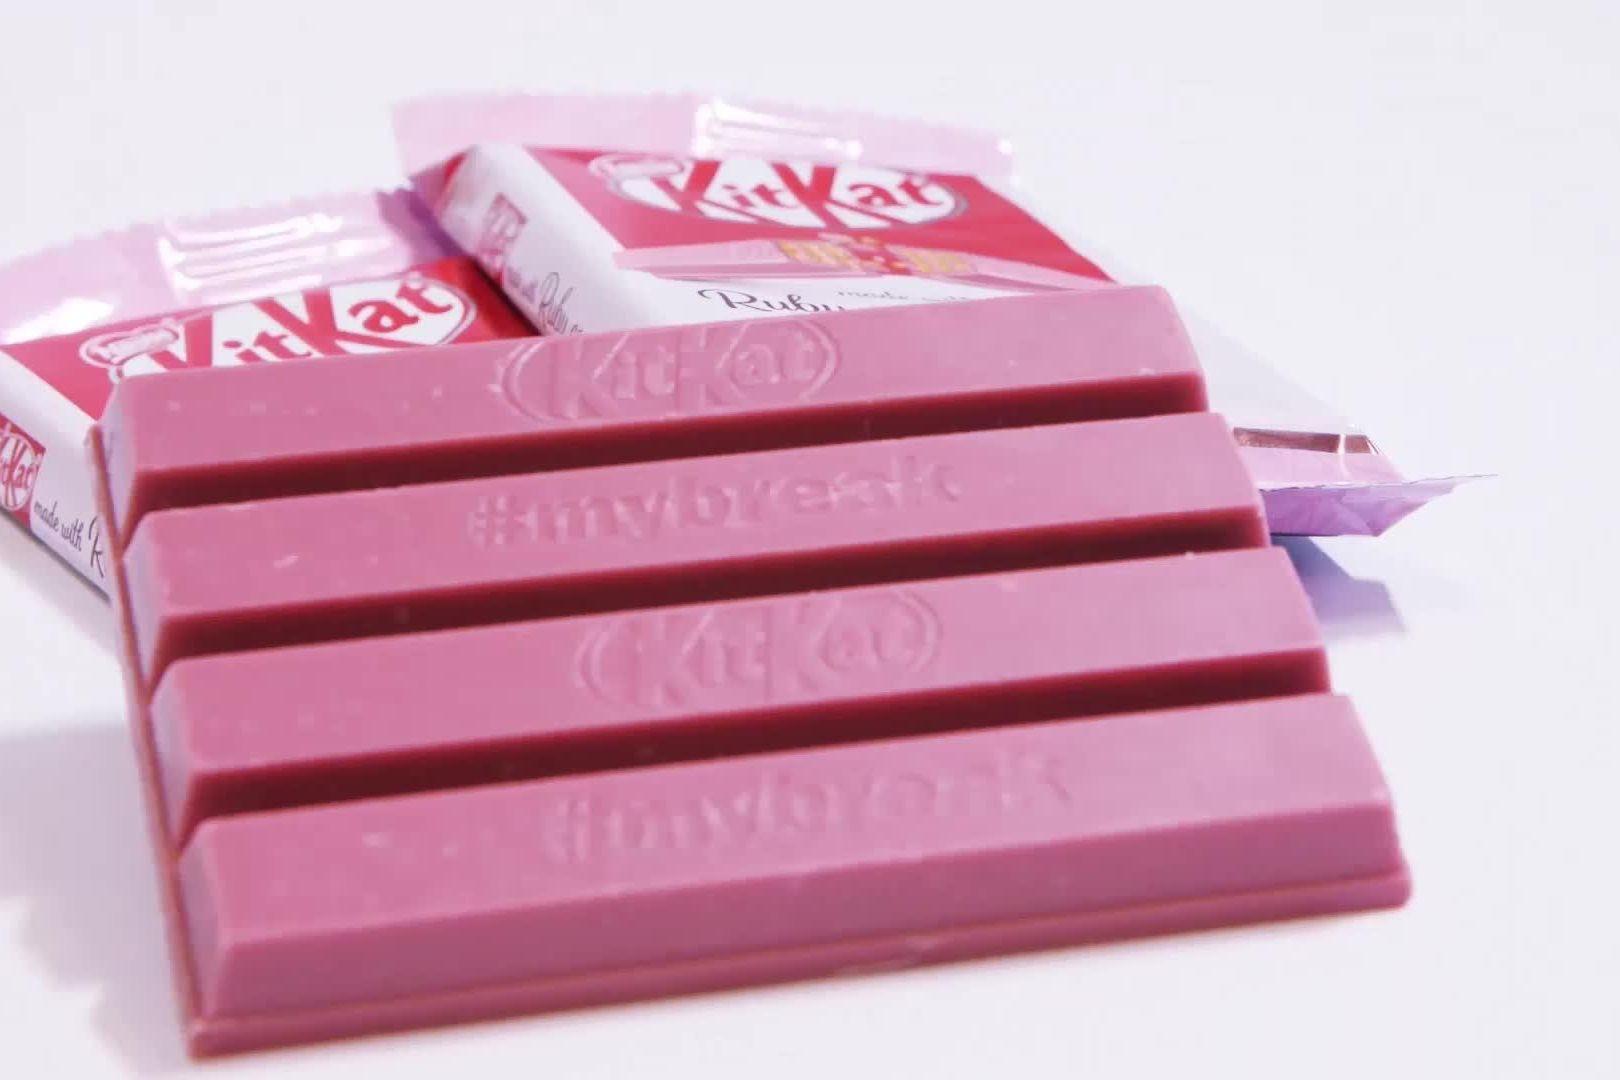 O kit kat cor de rosa chega esta semana aos supermercados portugueses